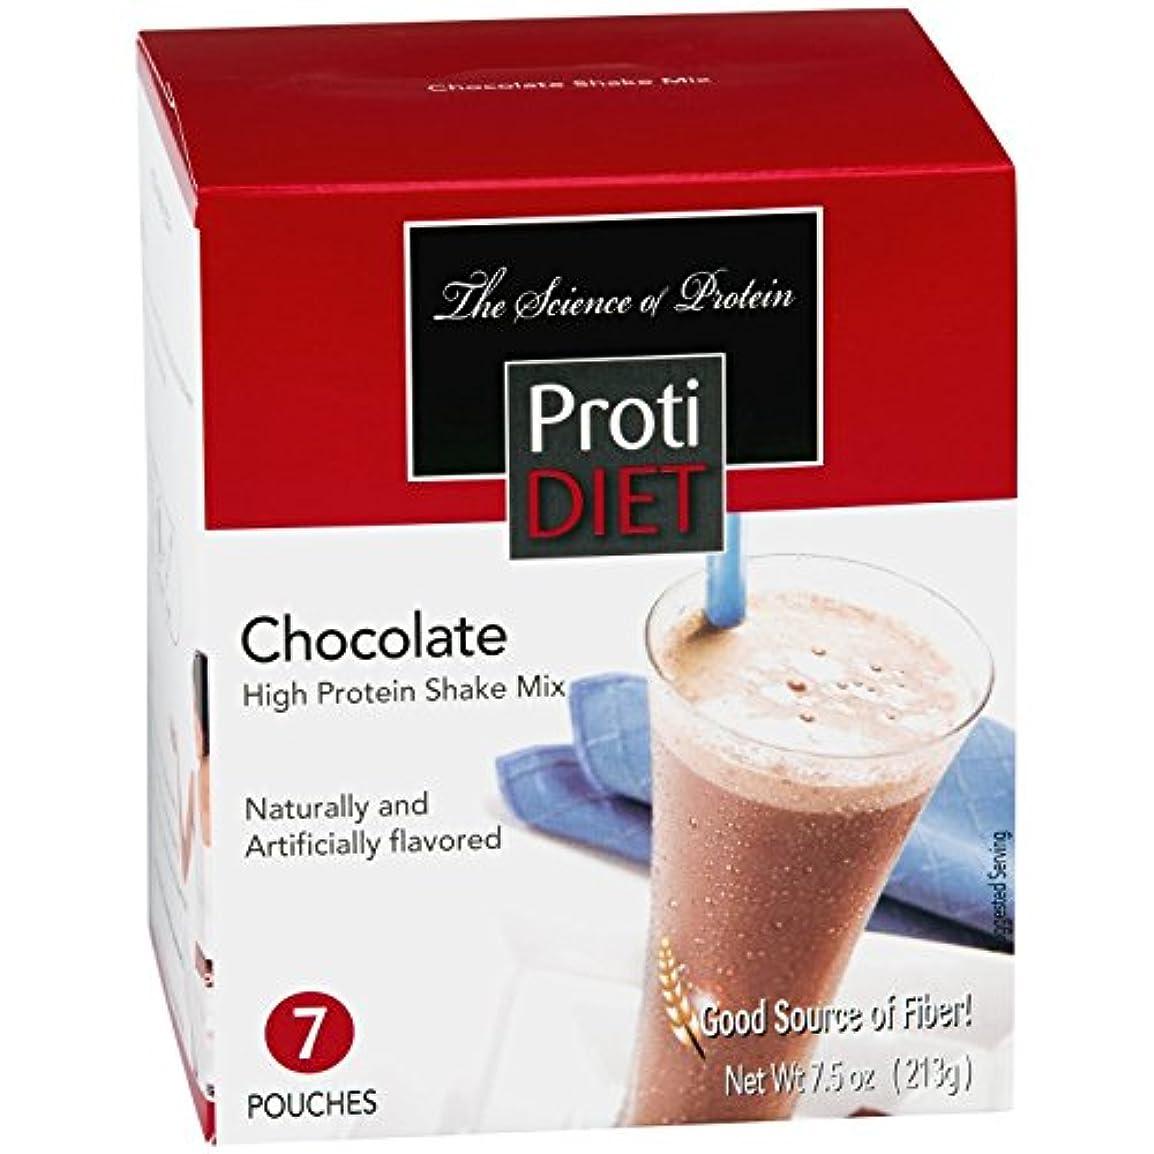 バングラデシュ使い込むに慣れProti Diet Chocolate Shake (7 pouches per box) Net Wt 7.5oz (213g) by Protidiet